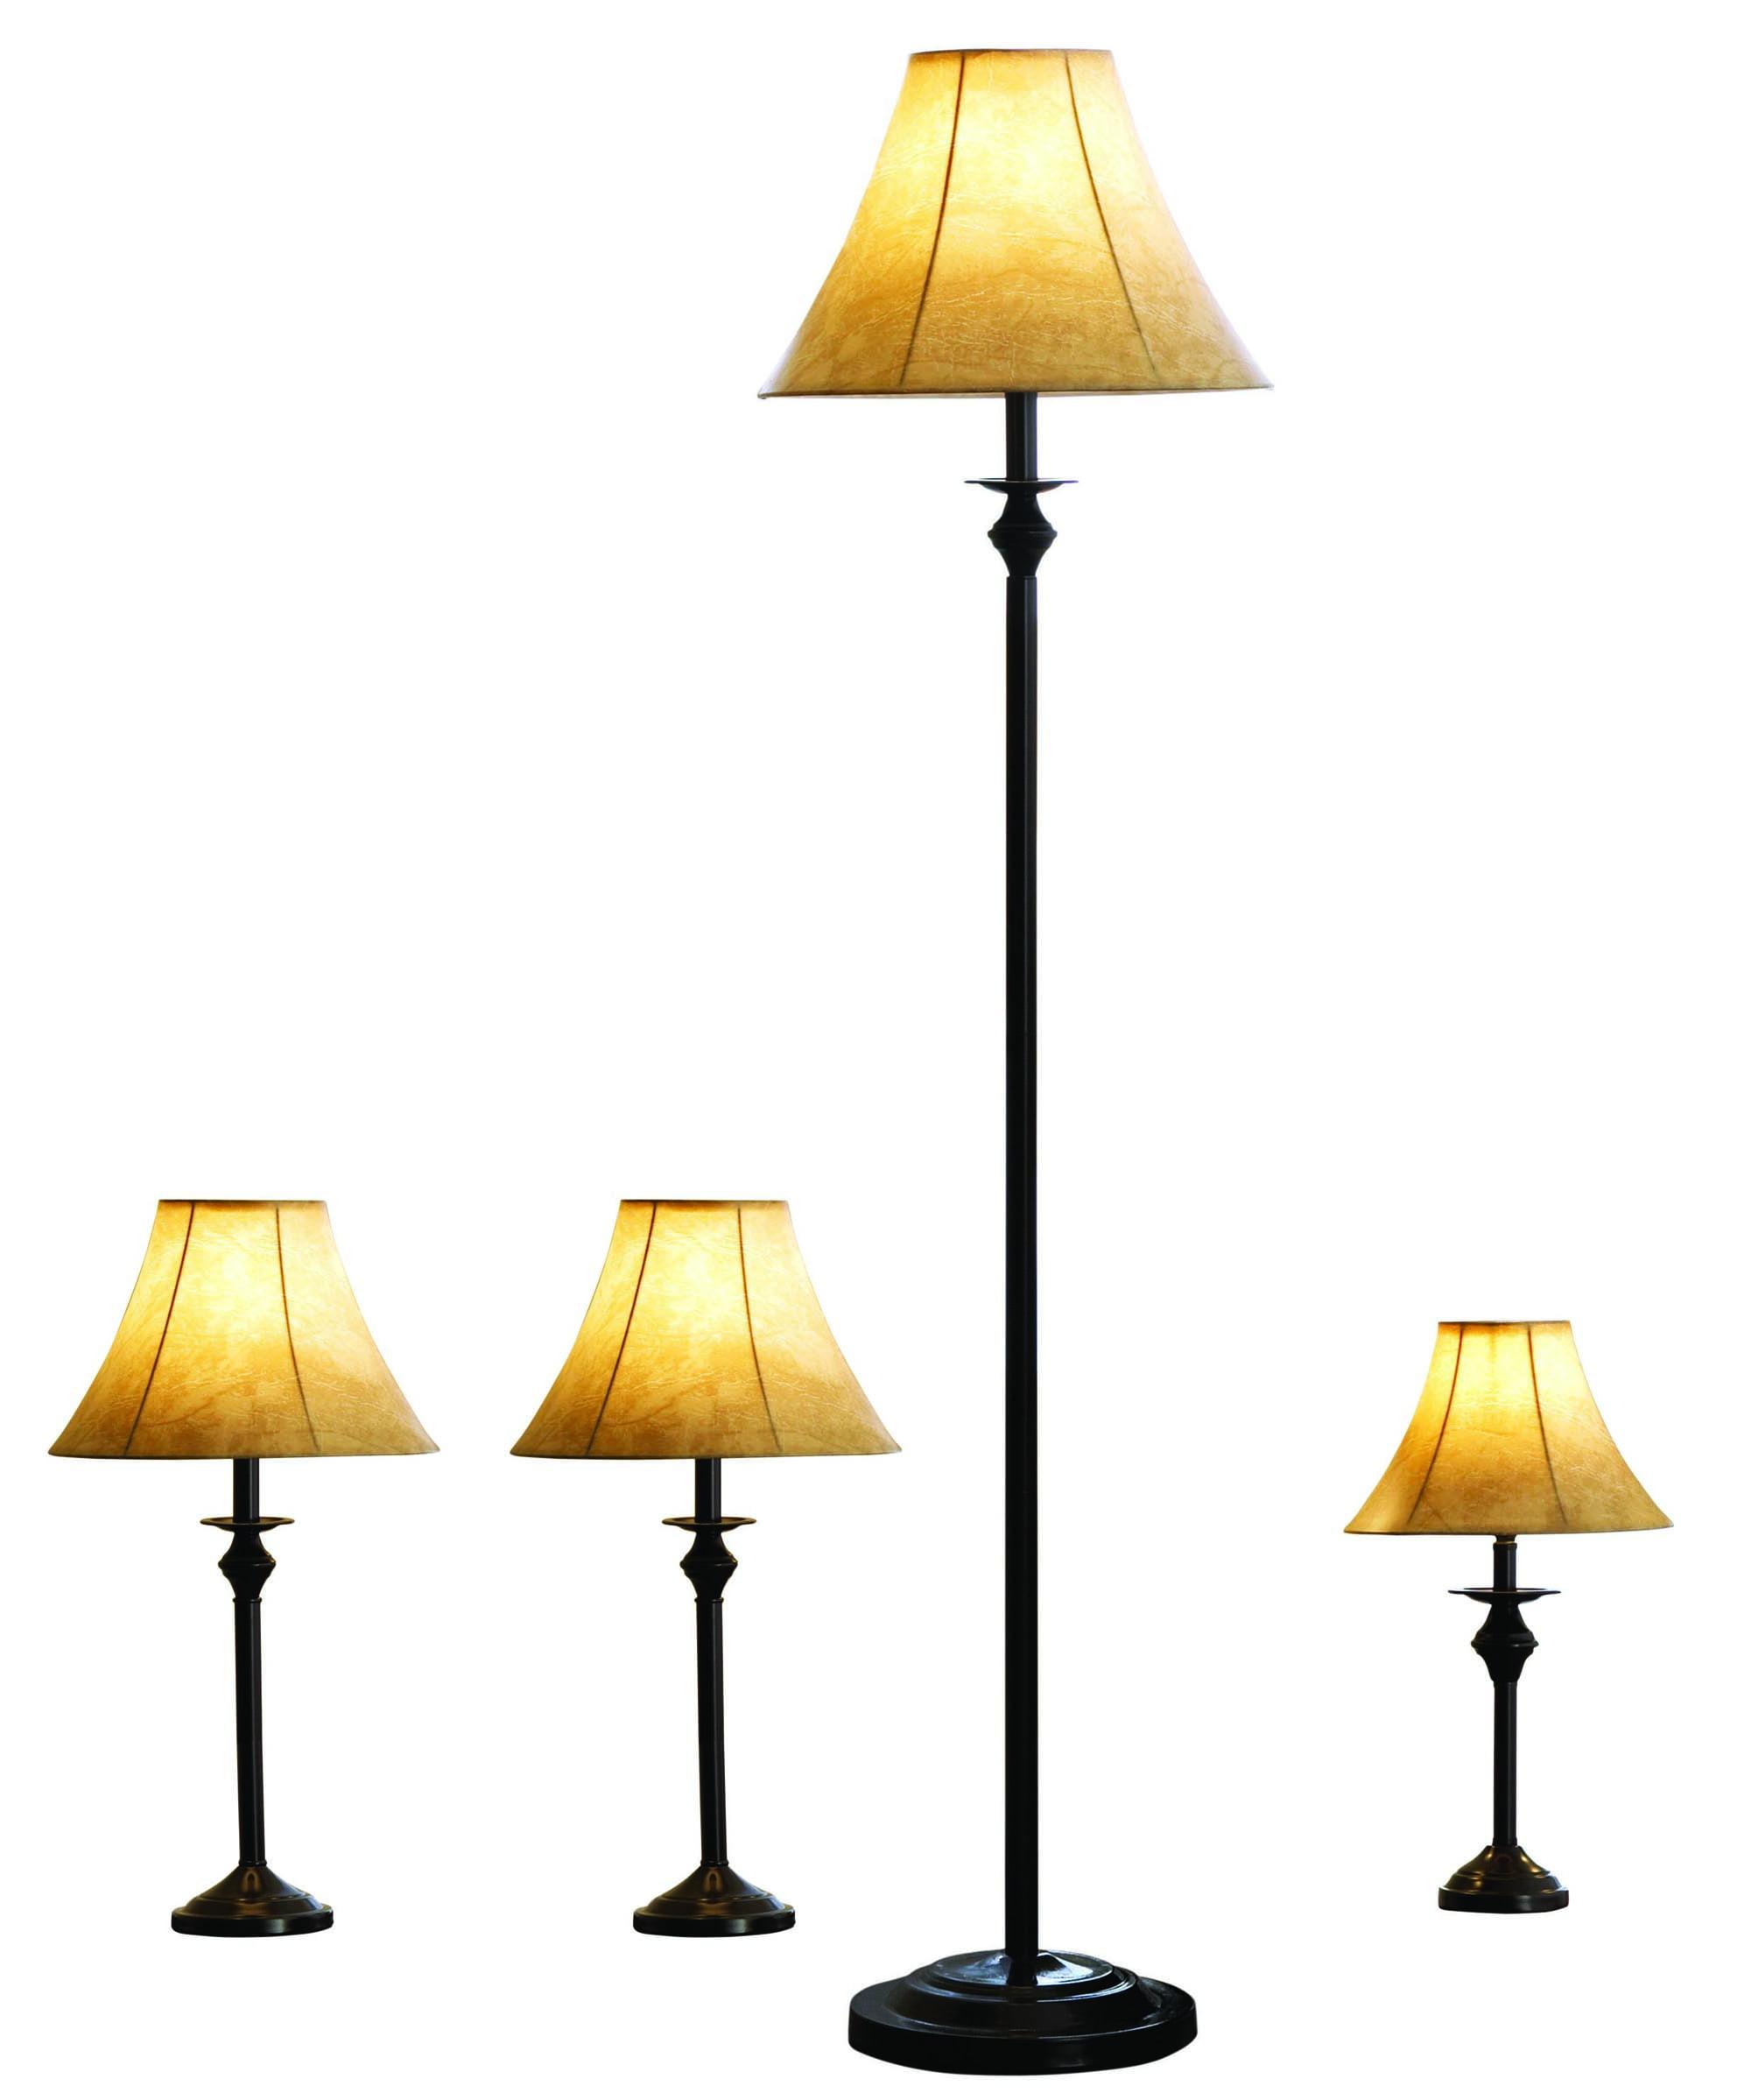 Better homes gardens 4 piece lamp set bronze finish walmart com